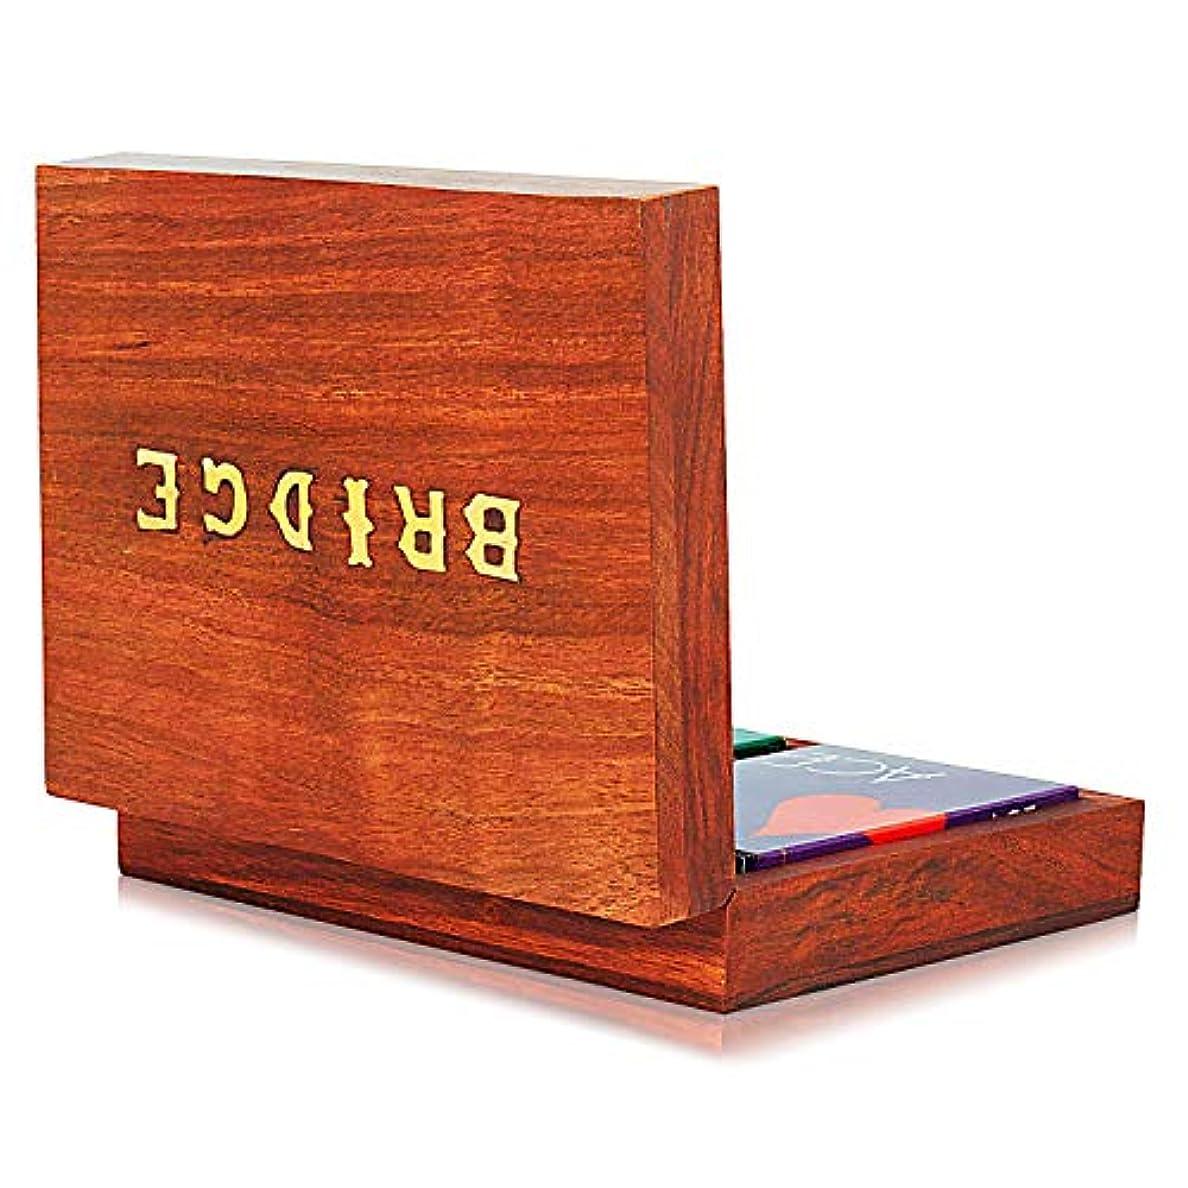 コカイン発症リスナーThe Great Indian Bazaar 手作り木製ブリッジトランプ ホルダー デッキボックス 収納ケース オーガナイザー 2セット 高品質 「Ace」トランプ 記念日 新築祝い ギフト 彼氏 彼女